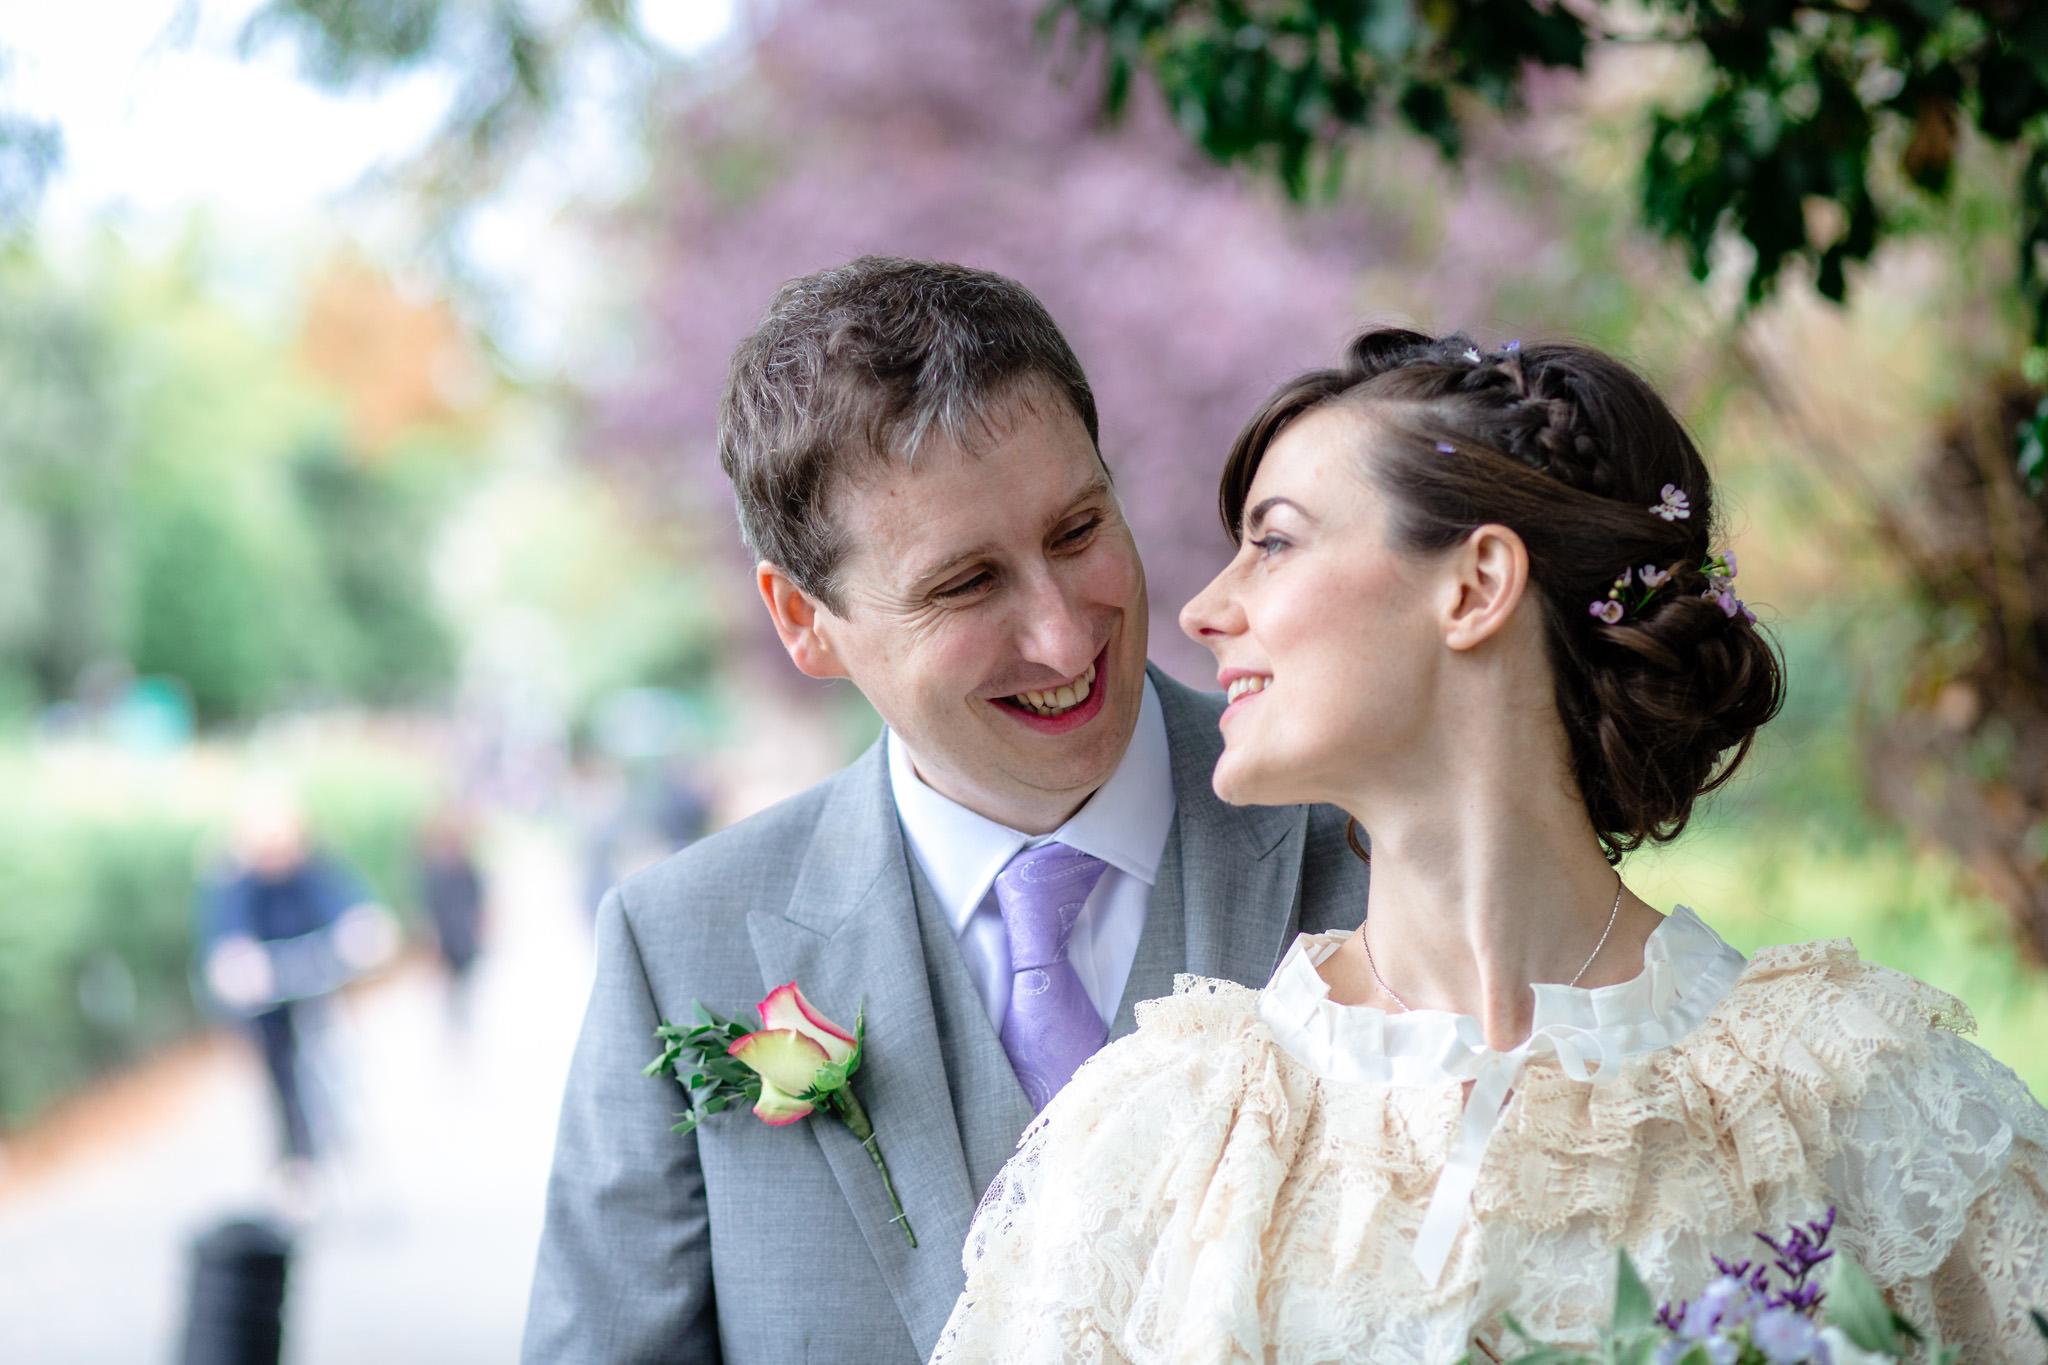 Clissold House wedding couple portrait